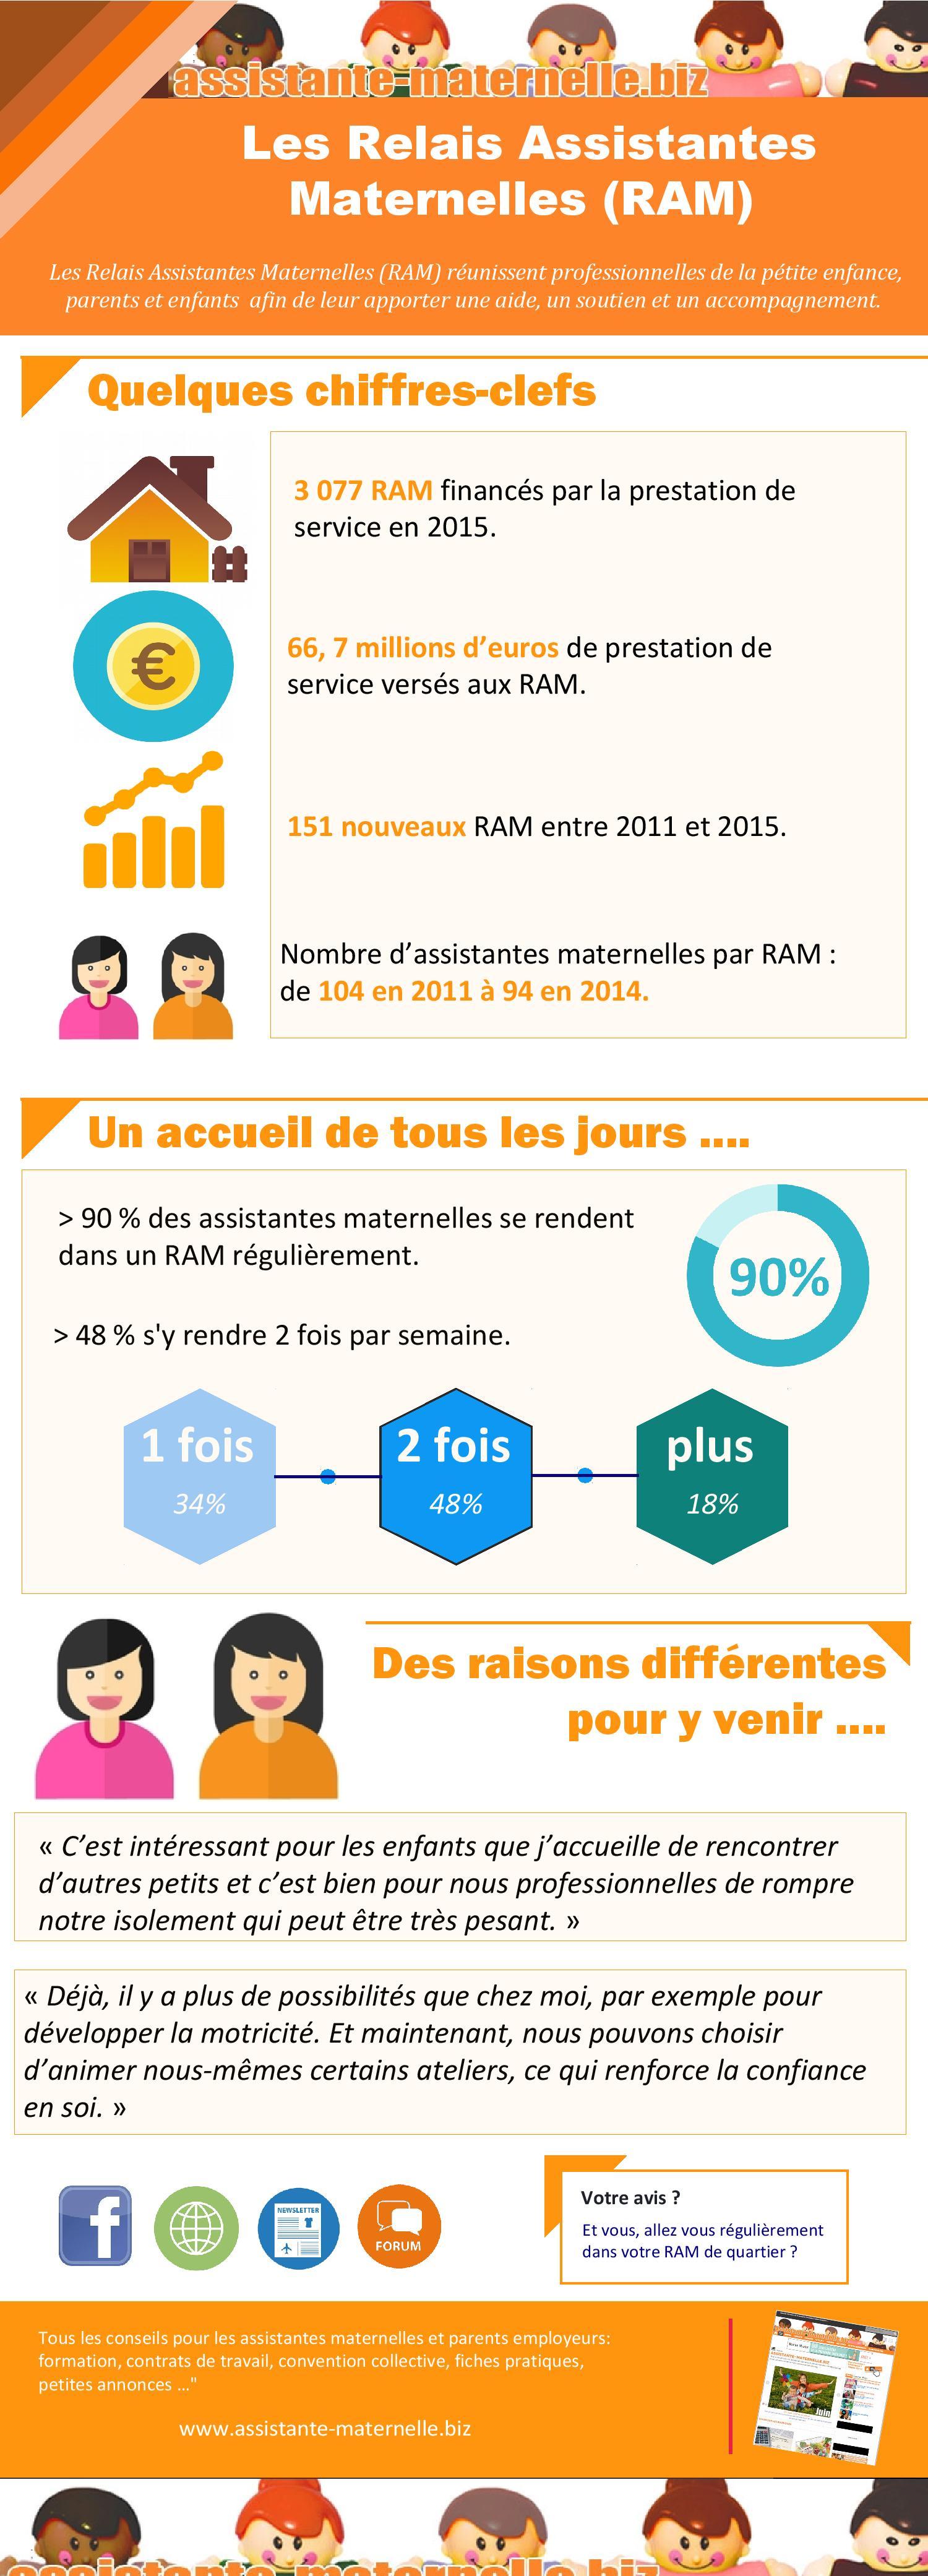 [Infographie] : Les Relais Assistantes Maternelles (RAM)